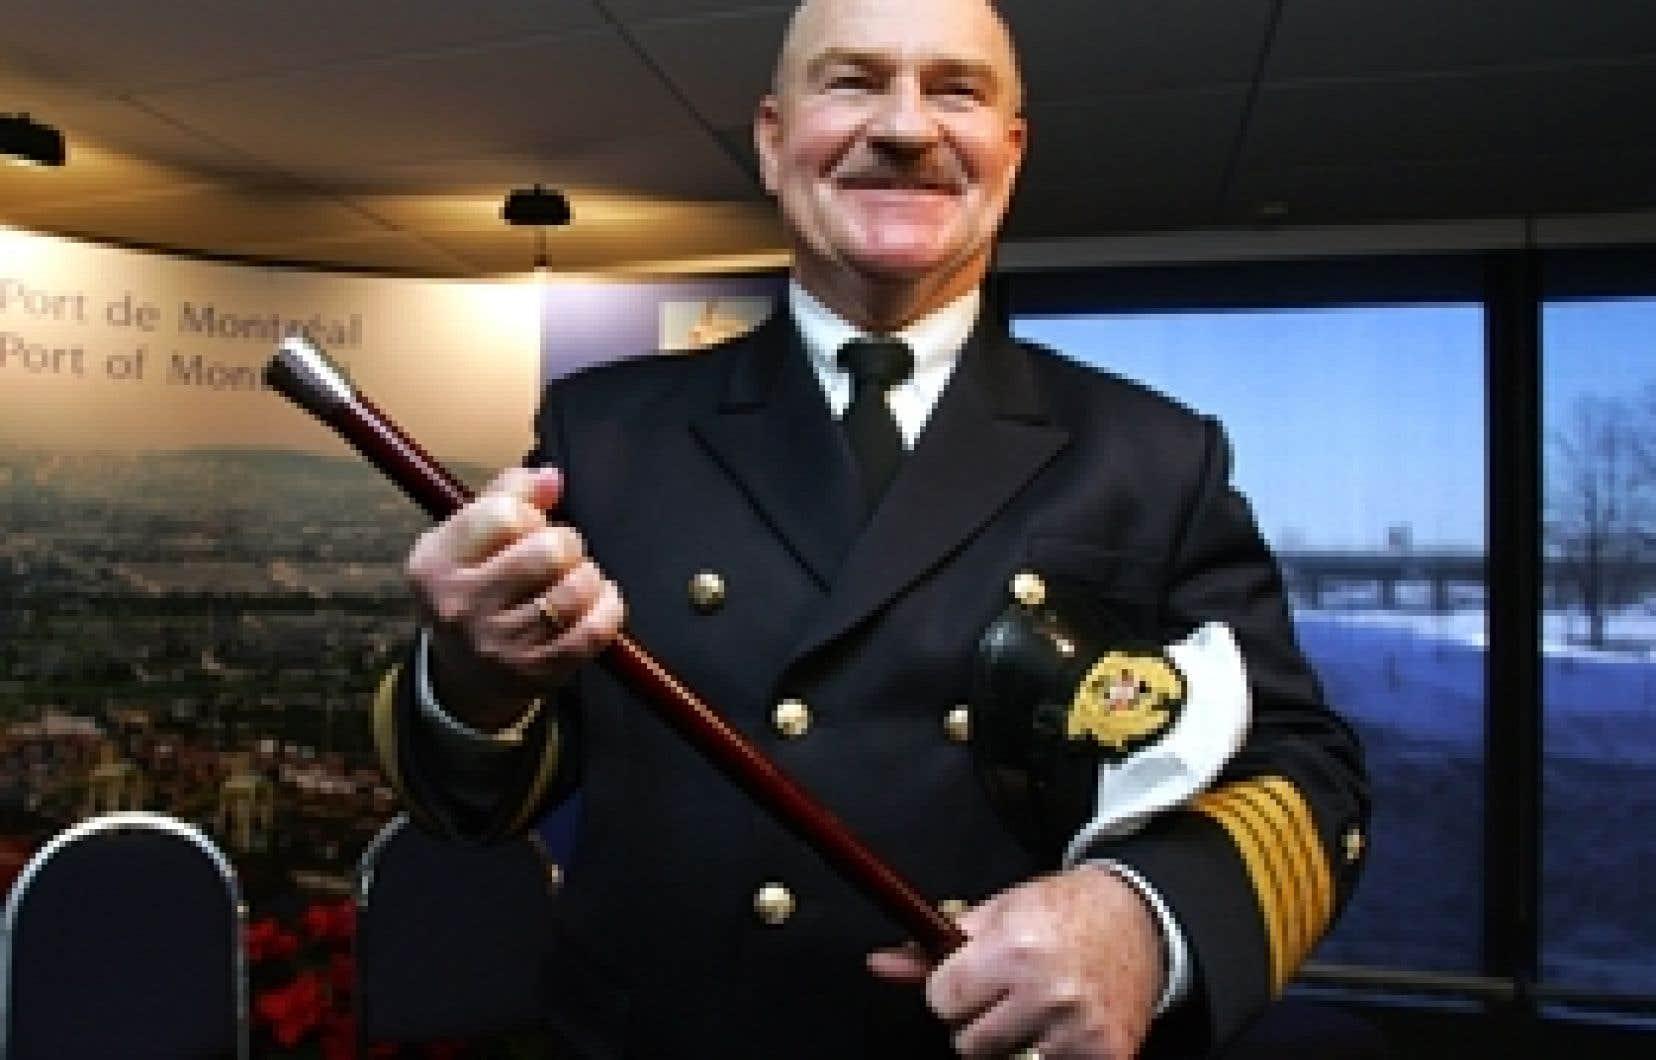 Le capitaine du porte-conteneurs Valentina a reçu, hier, la canne à pommeau d'or destinée au premier navire à rejoindre le port de Montréal en début d'année.